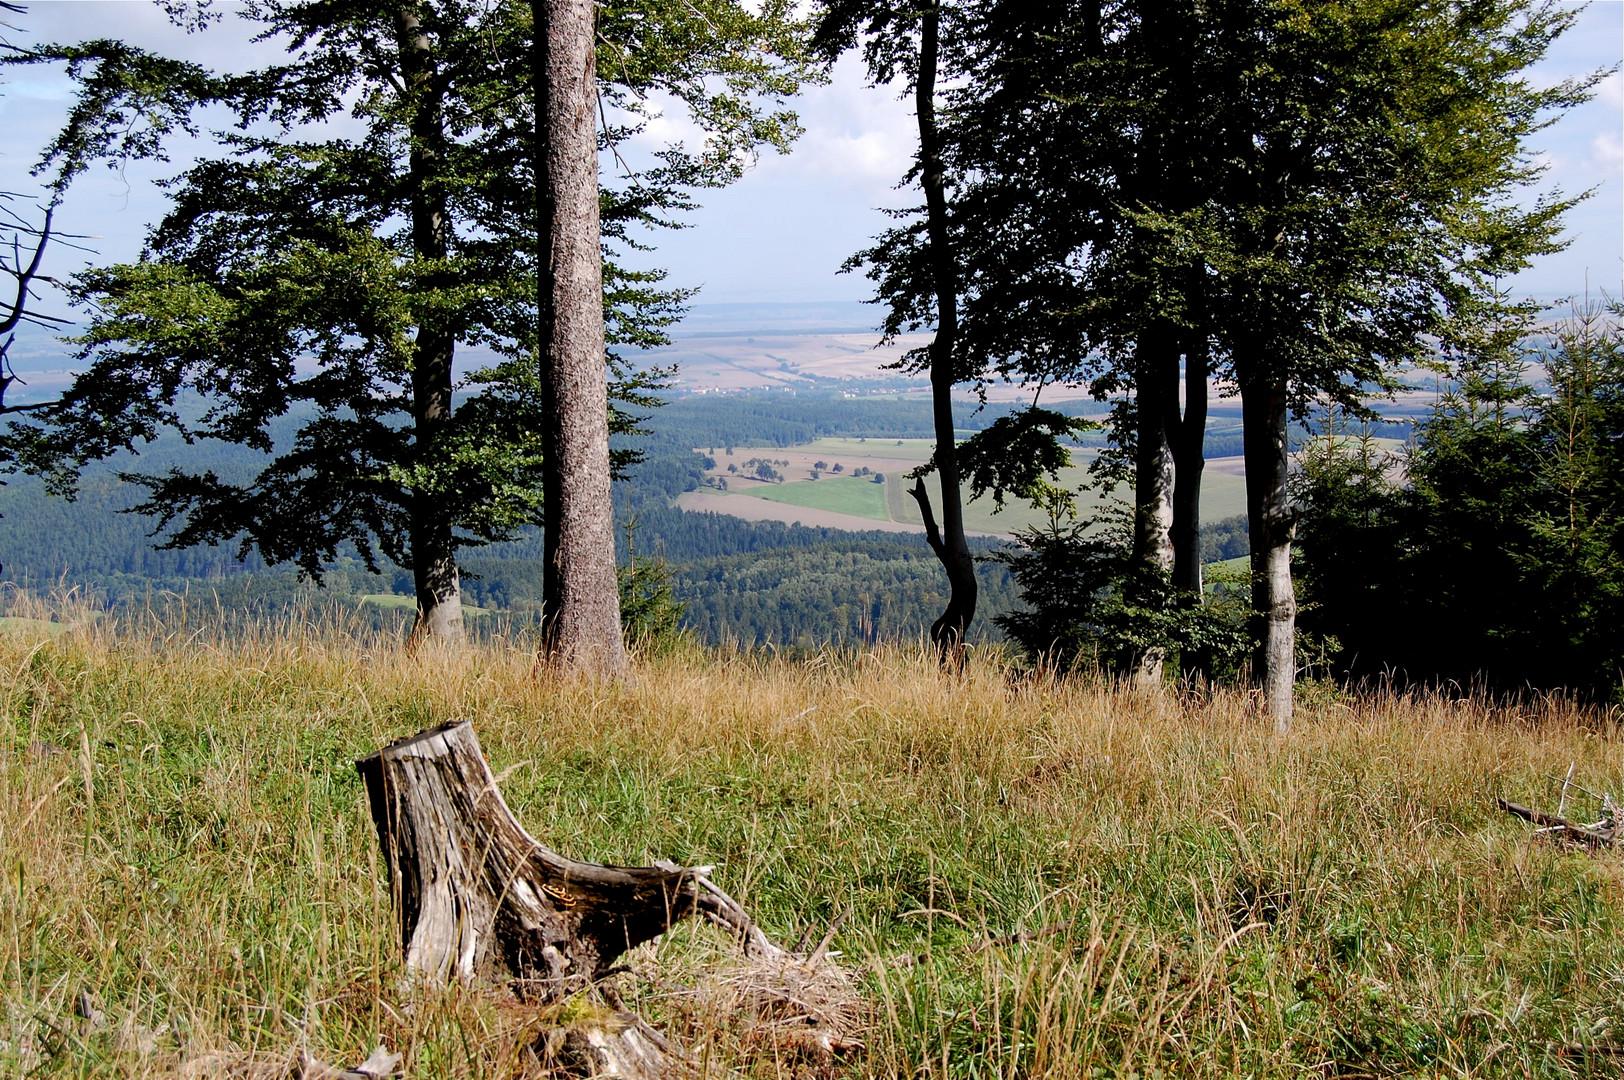 Komm doch mit in den Thüringer Wald, in den herrlichen Thüringer Wald…